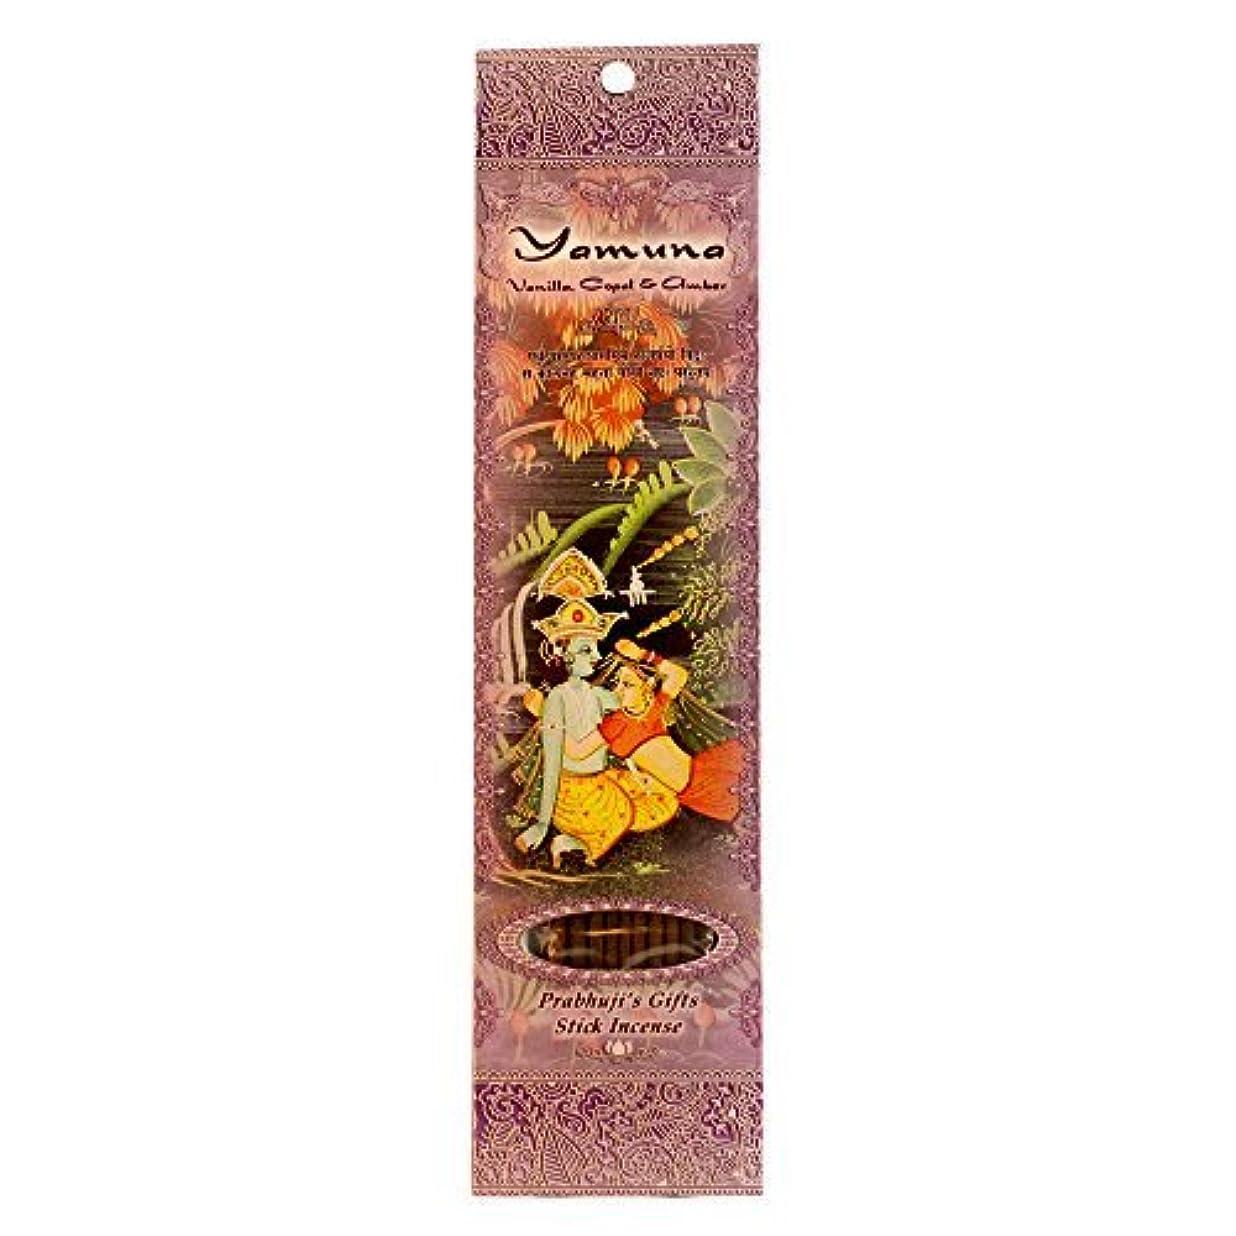 うっかり一人で再編成するIncense Sticks Yamuna - Vanilla Copal and Amber [並行輸入品]